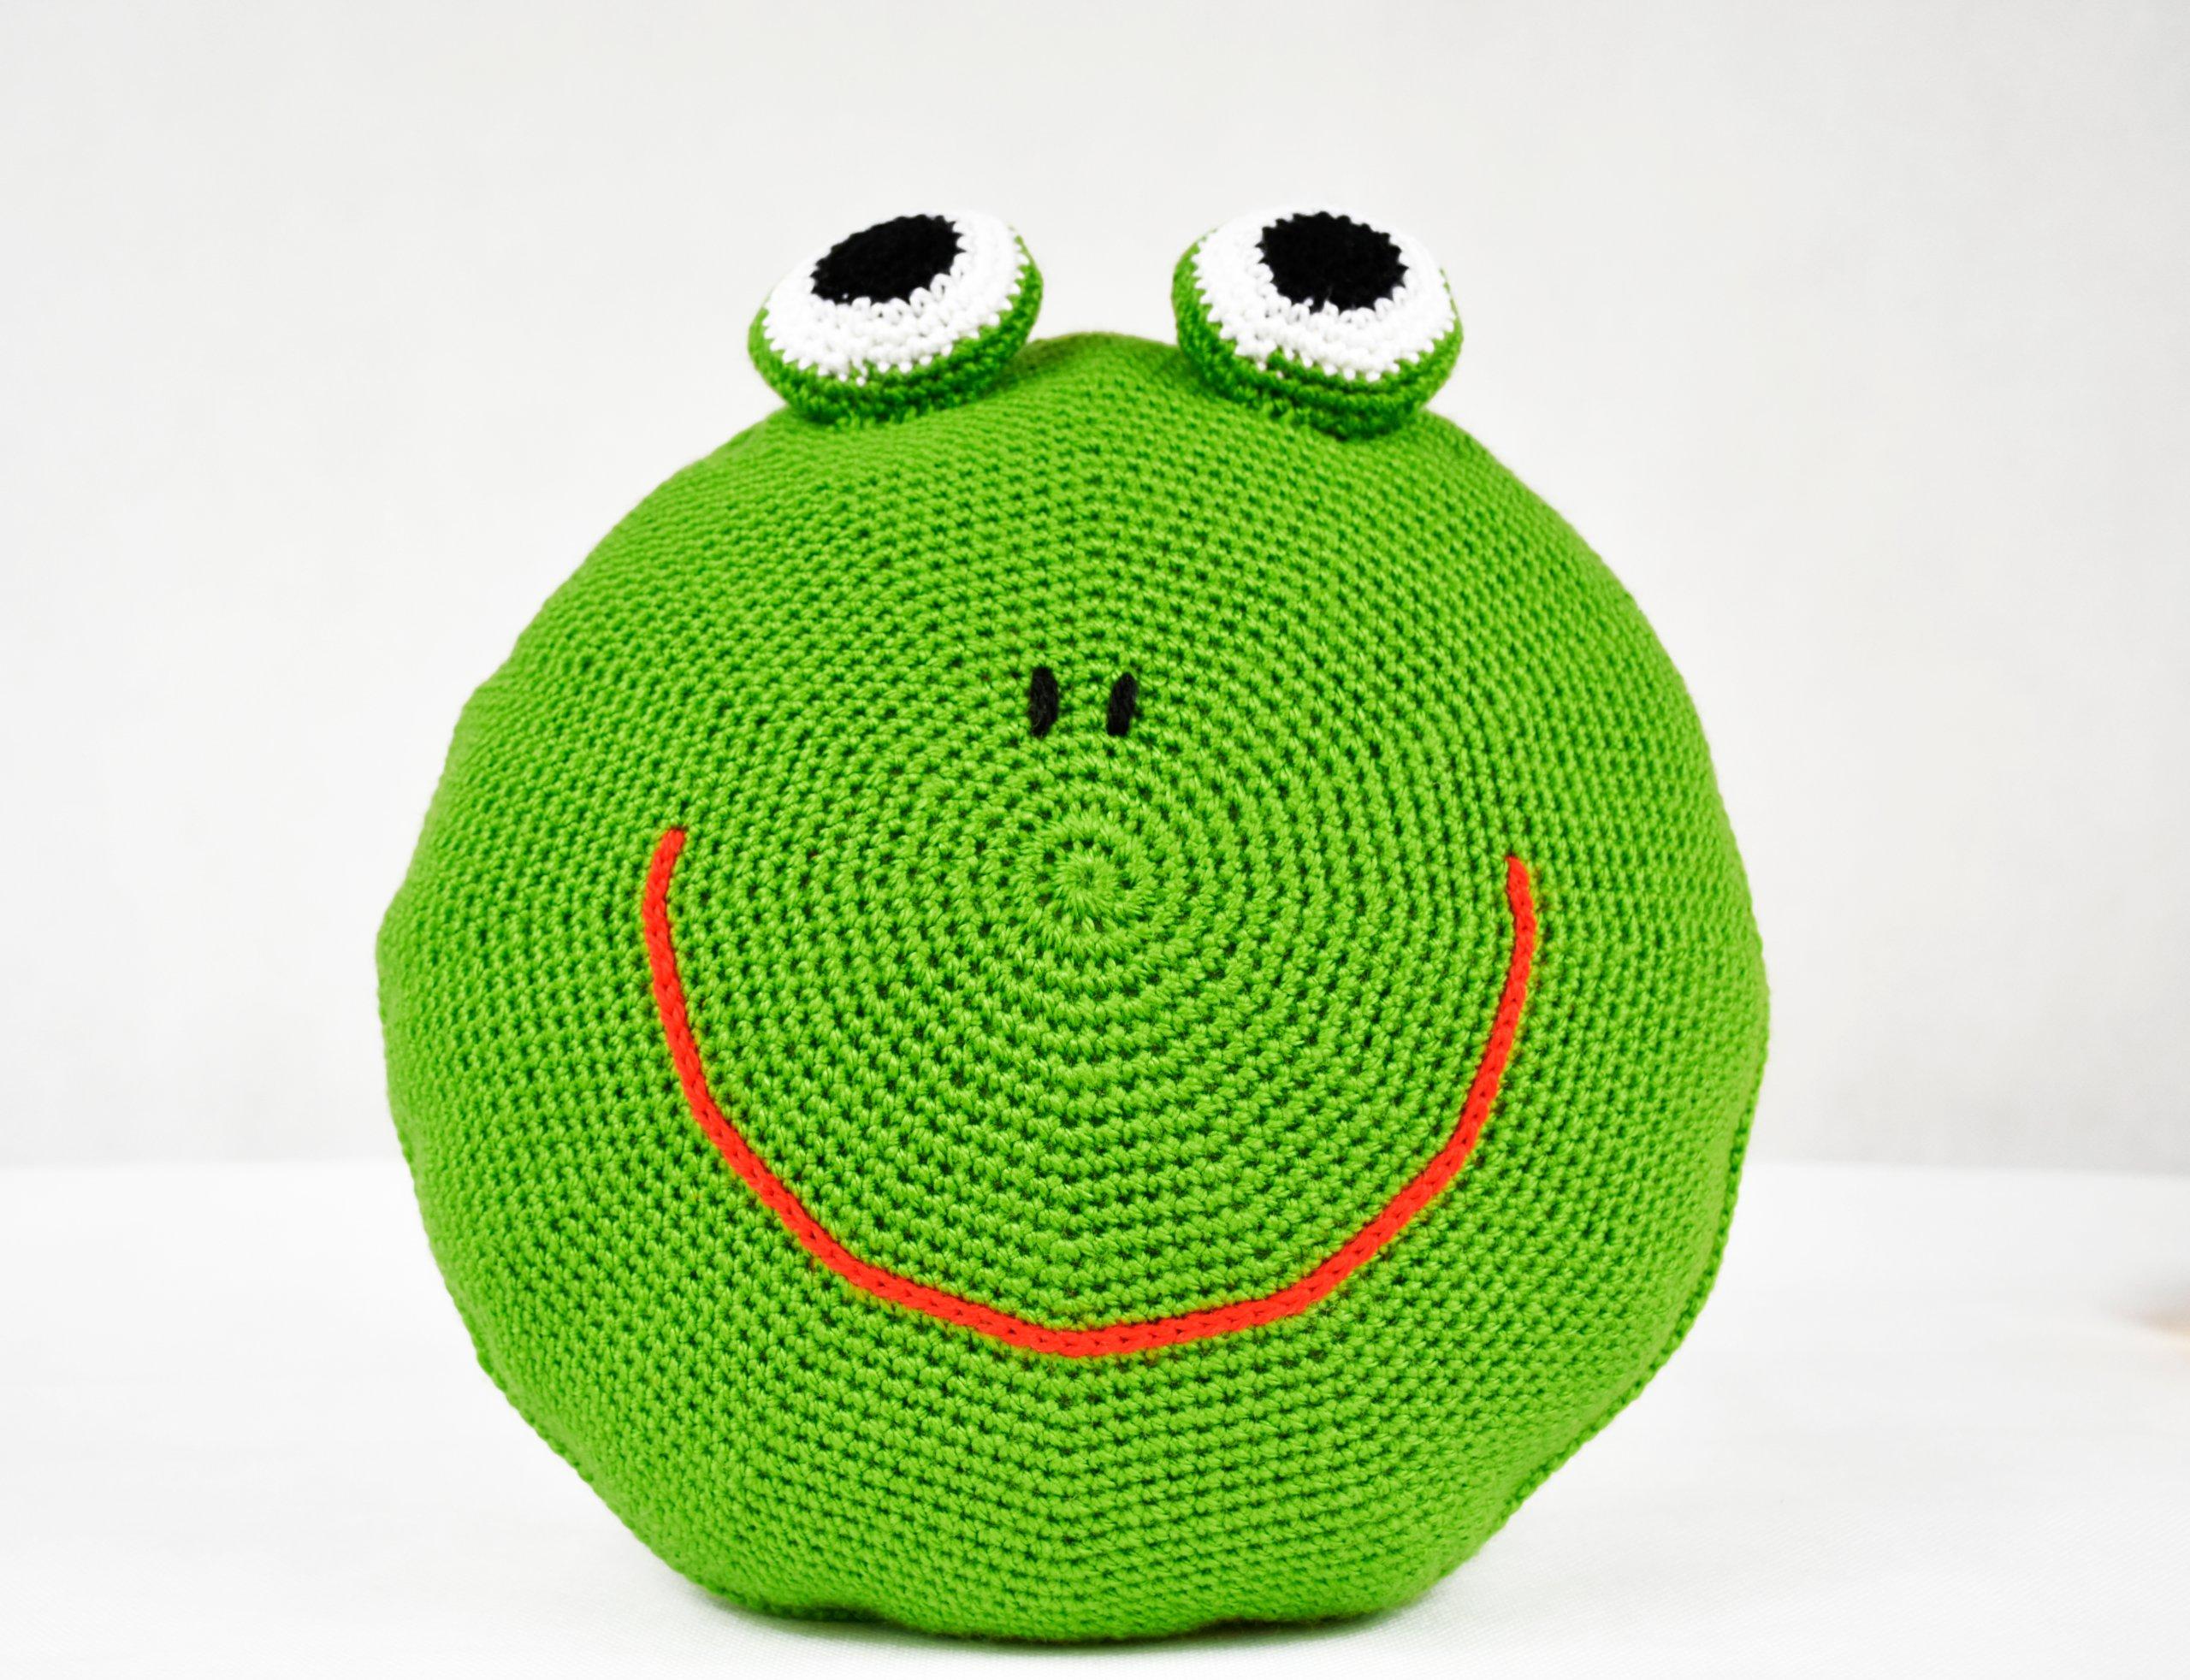 Poduszka Przytulanka Dekoracyjna żabka 7160353187